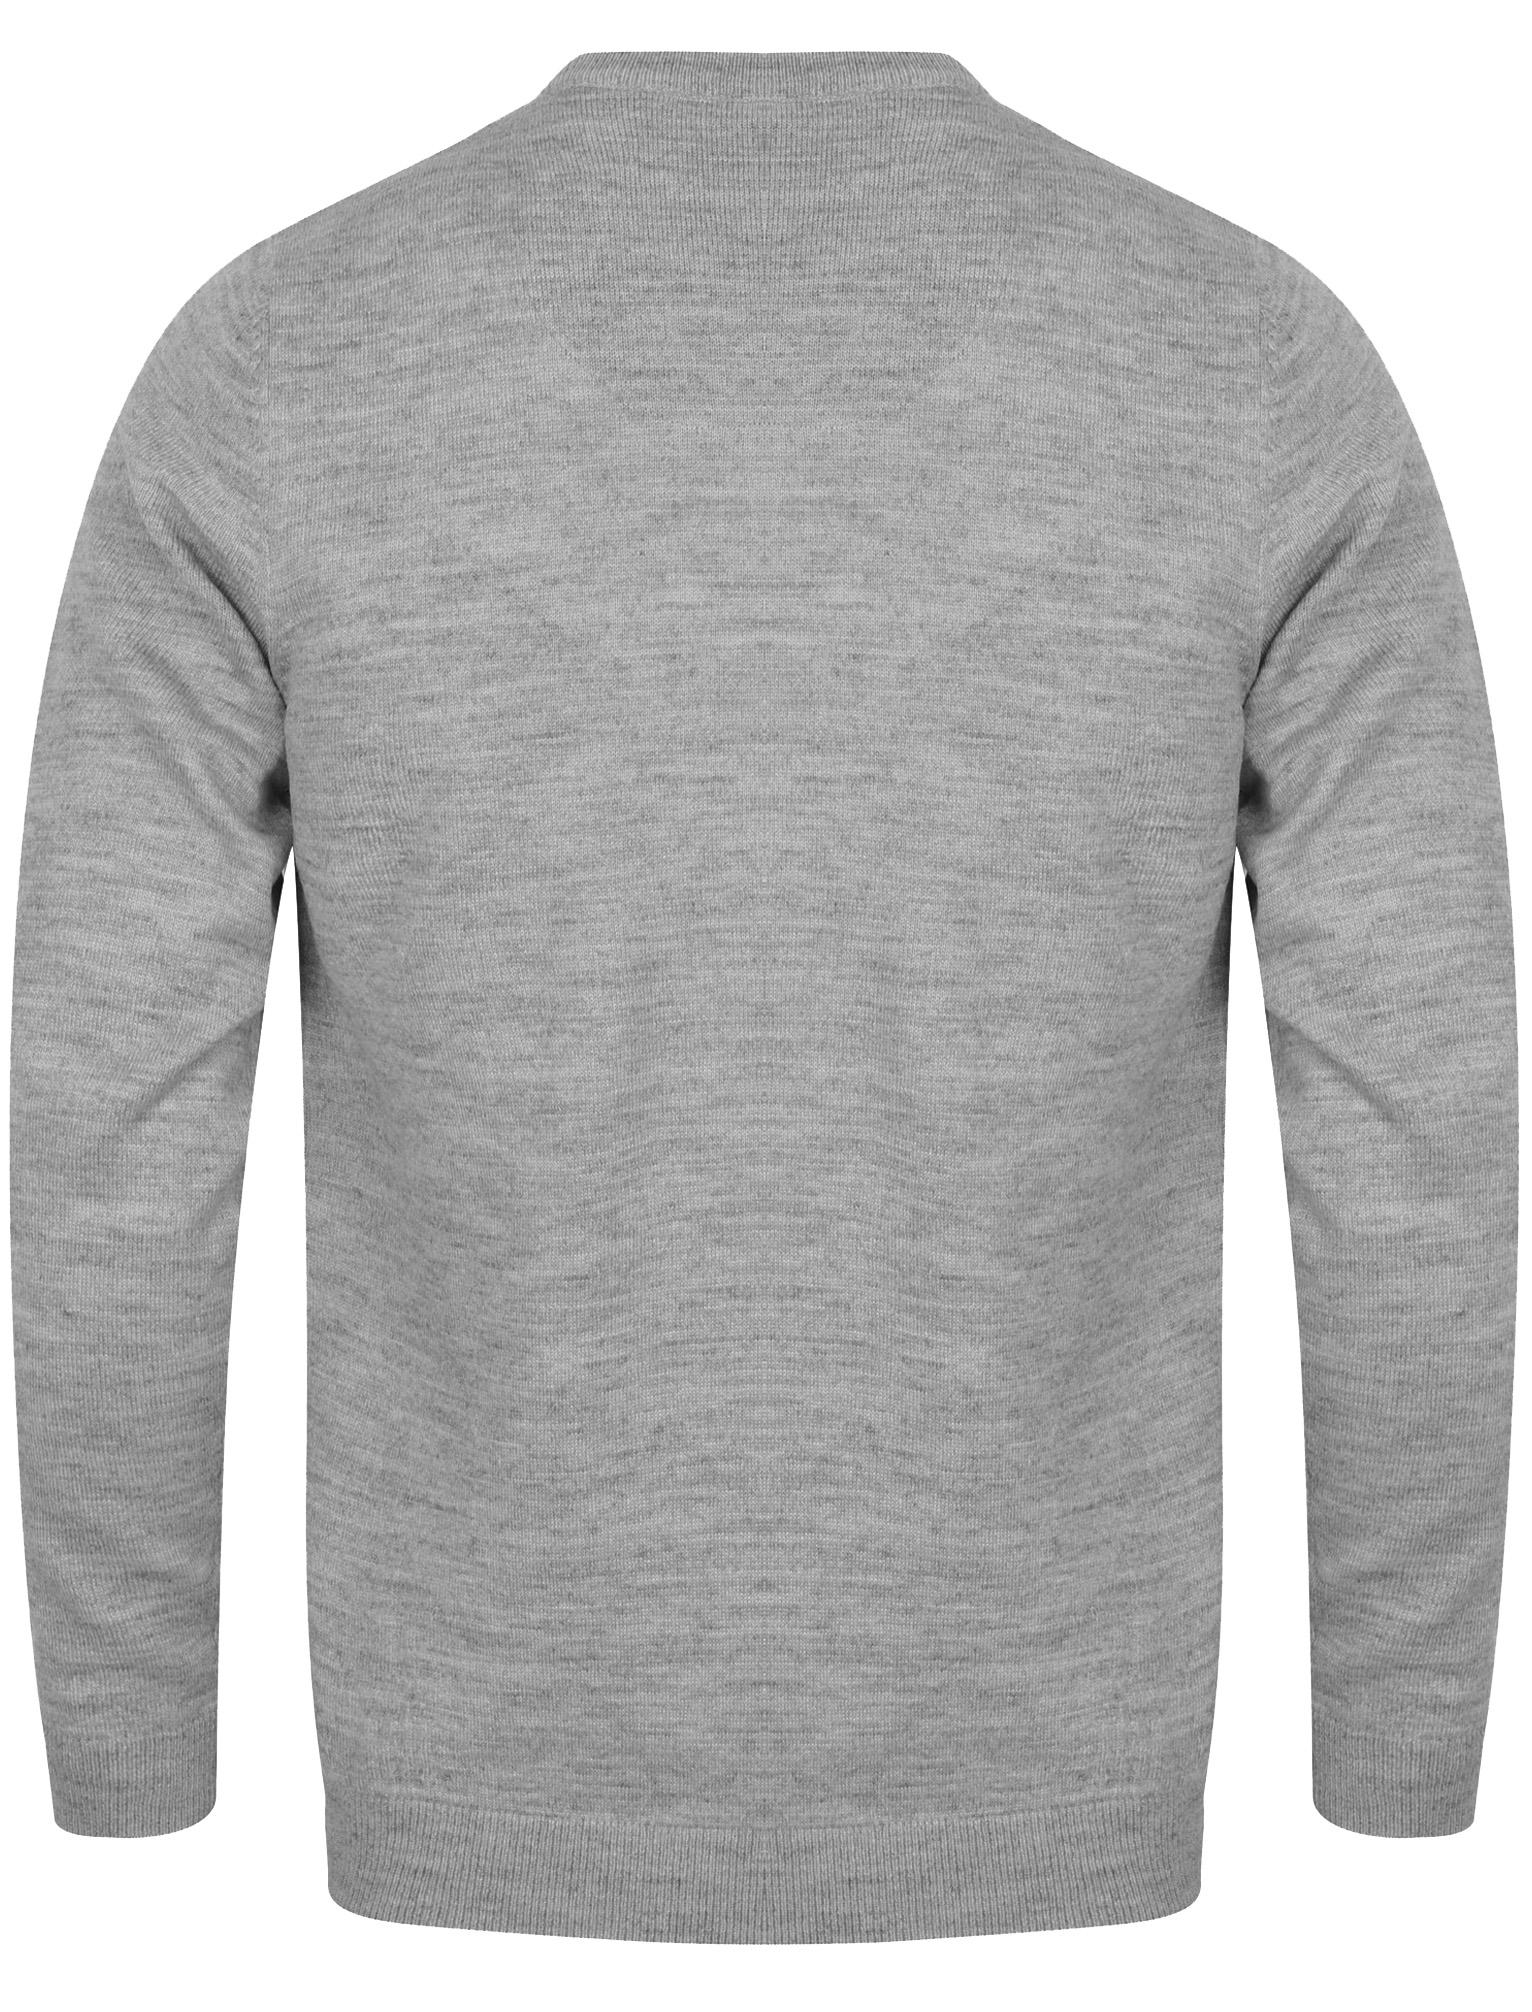 Kensington-Eastside-Men-039-s-Knitted-Crew-or-V-Neck-Jumper-Sweater-Top-Pullover thumbnail 11